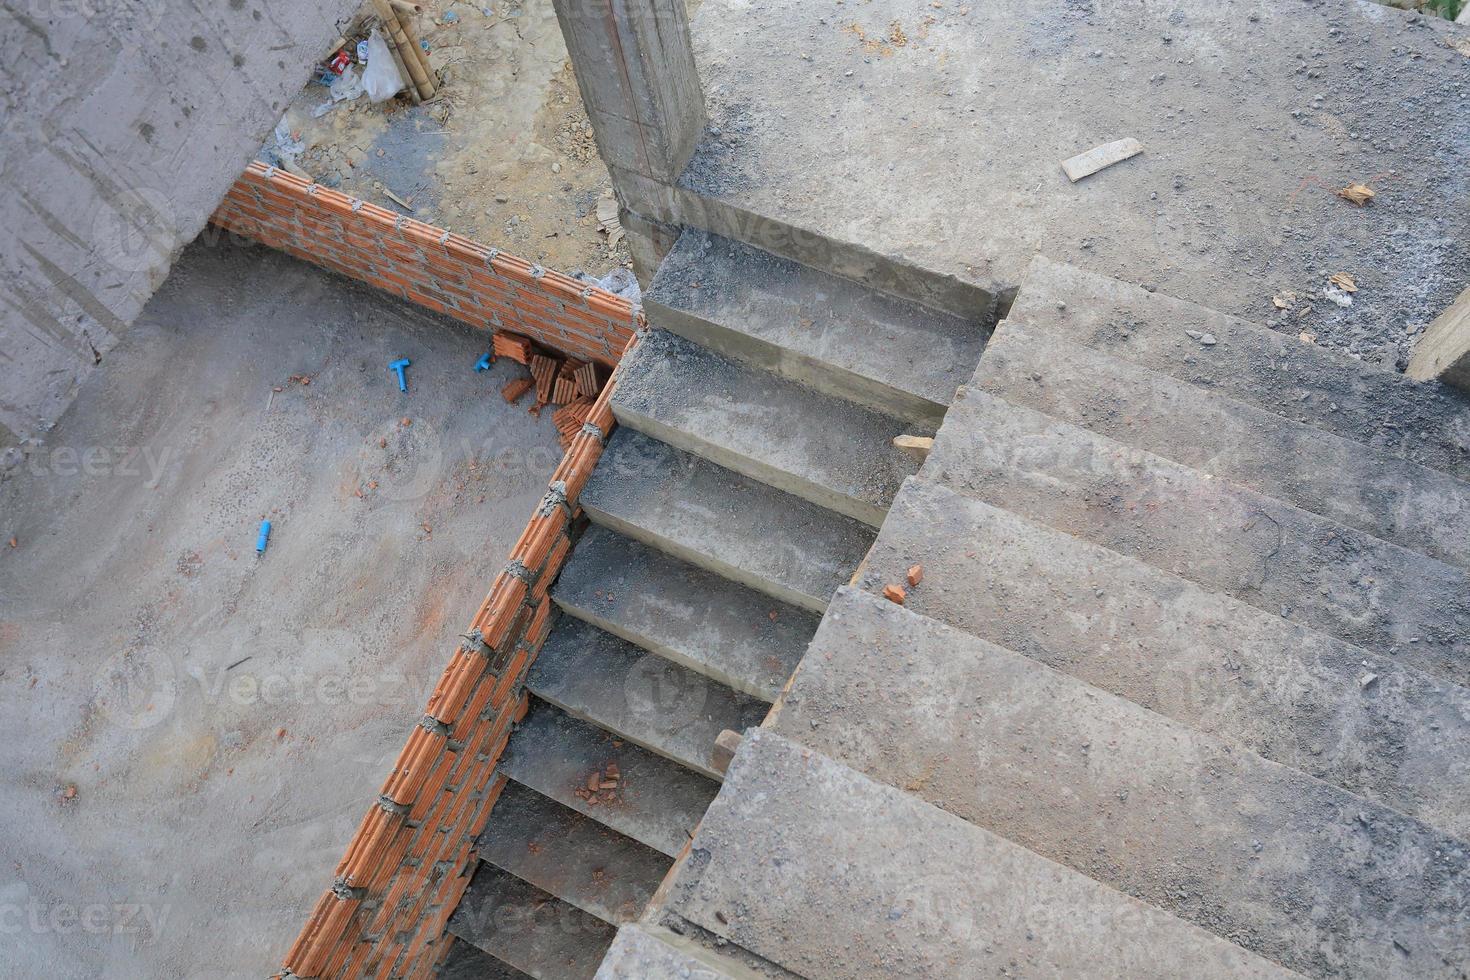 Escalier en chantier de construction de bâtiments résidentiels photo